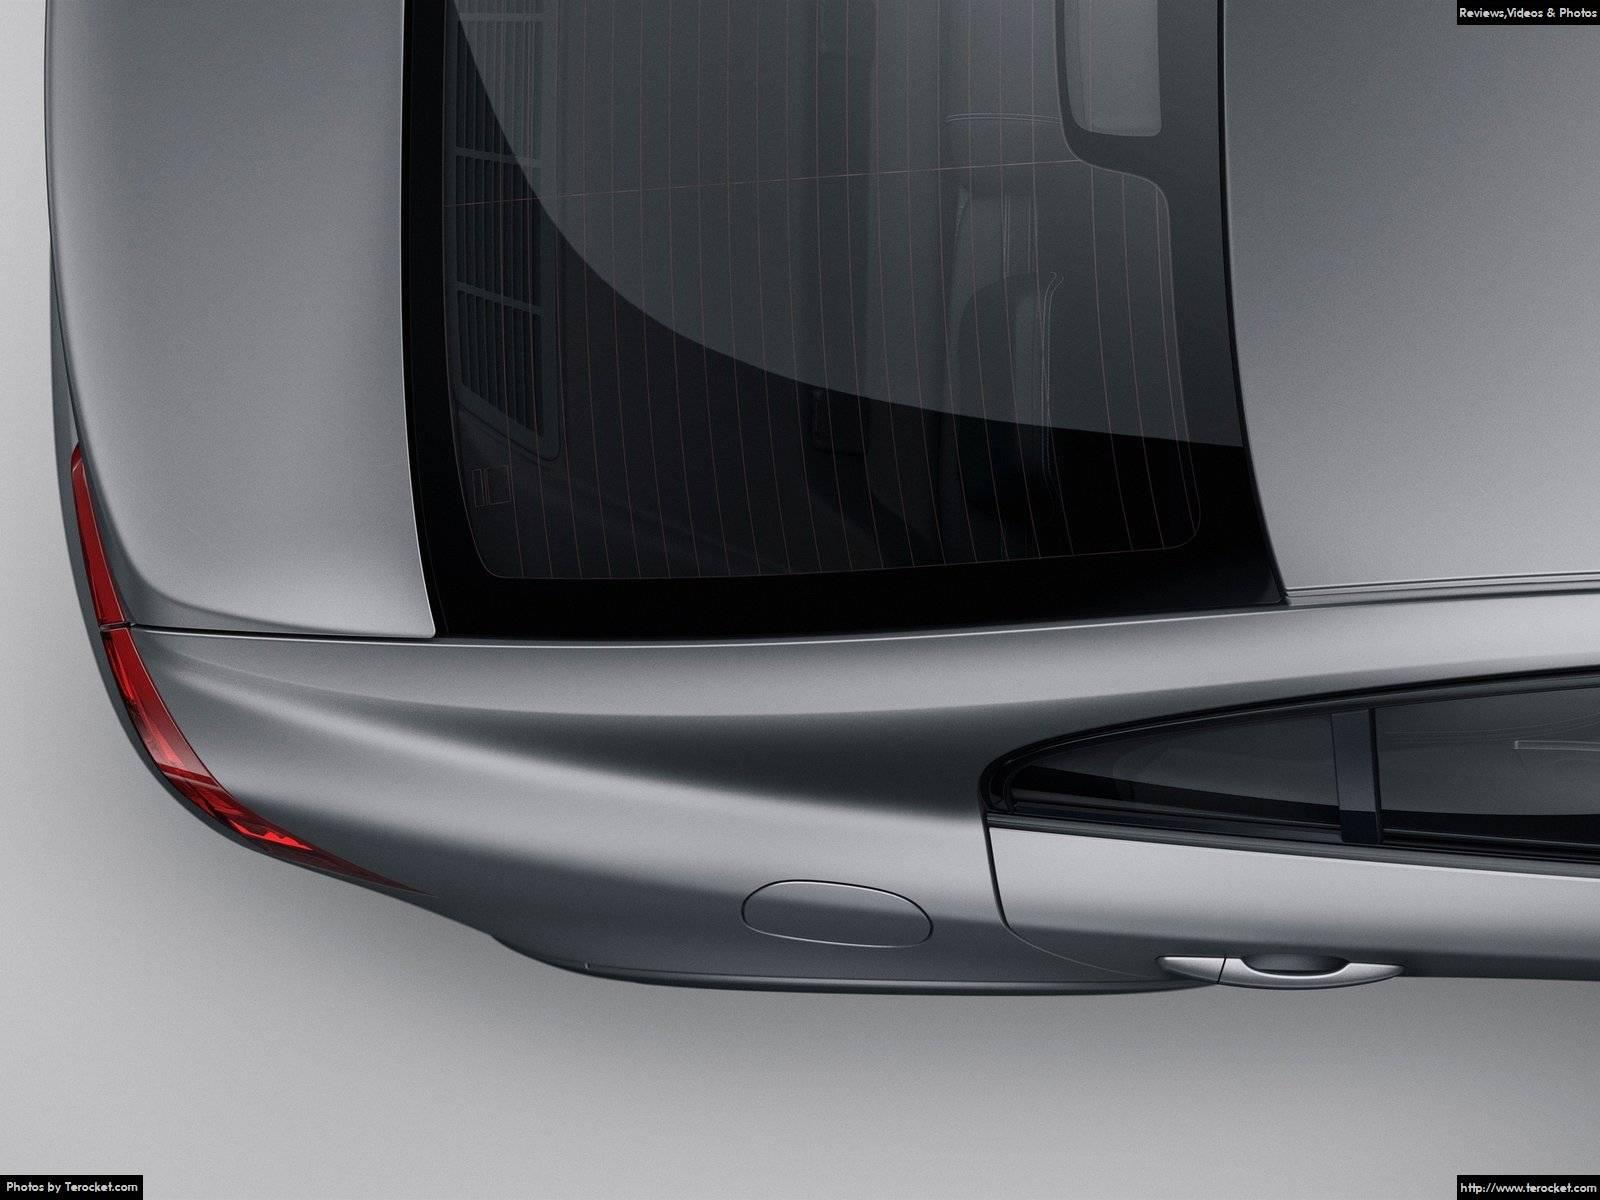 Hình ảnh xe ô tô Volvo S60 Cross Country 2016 & nội ngoại thất